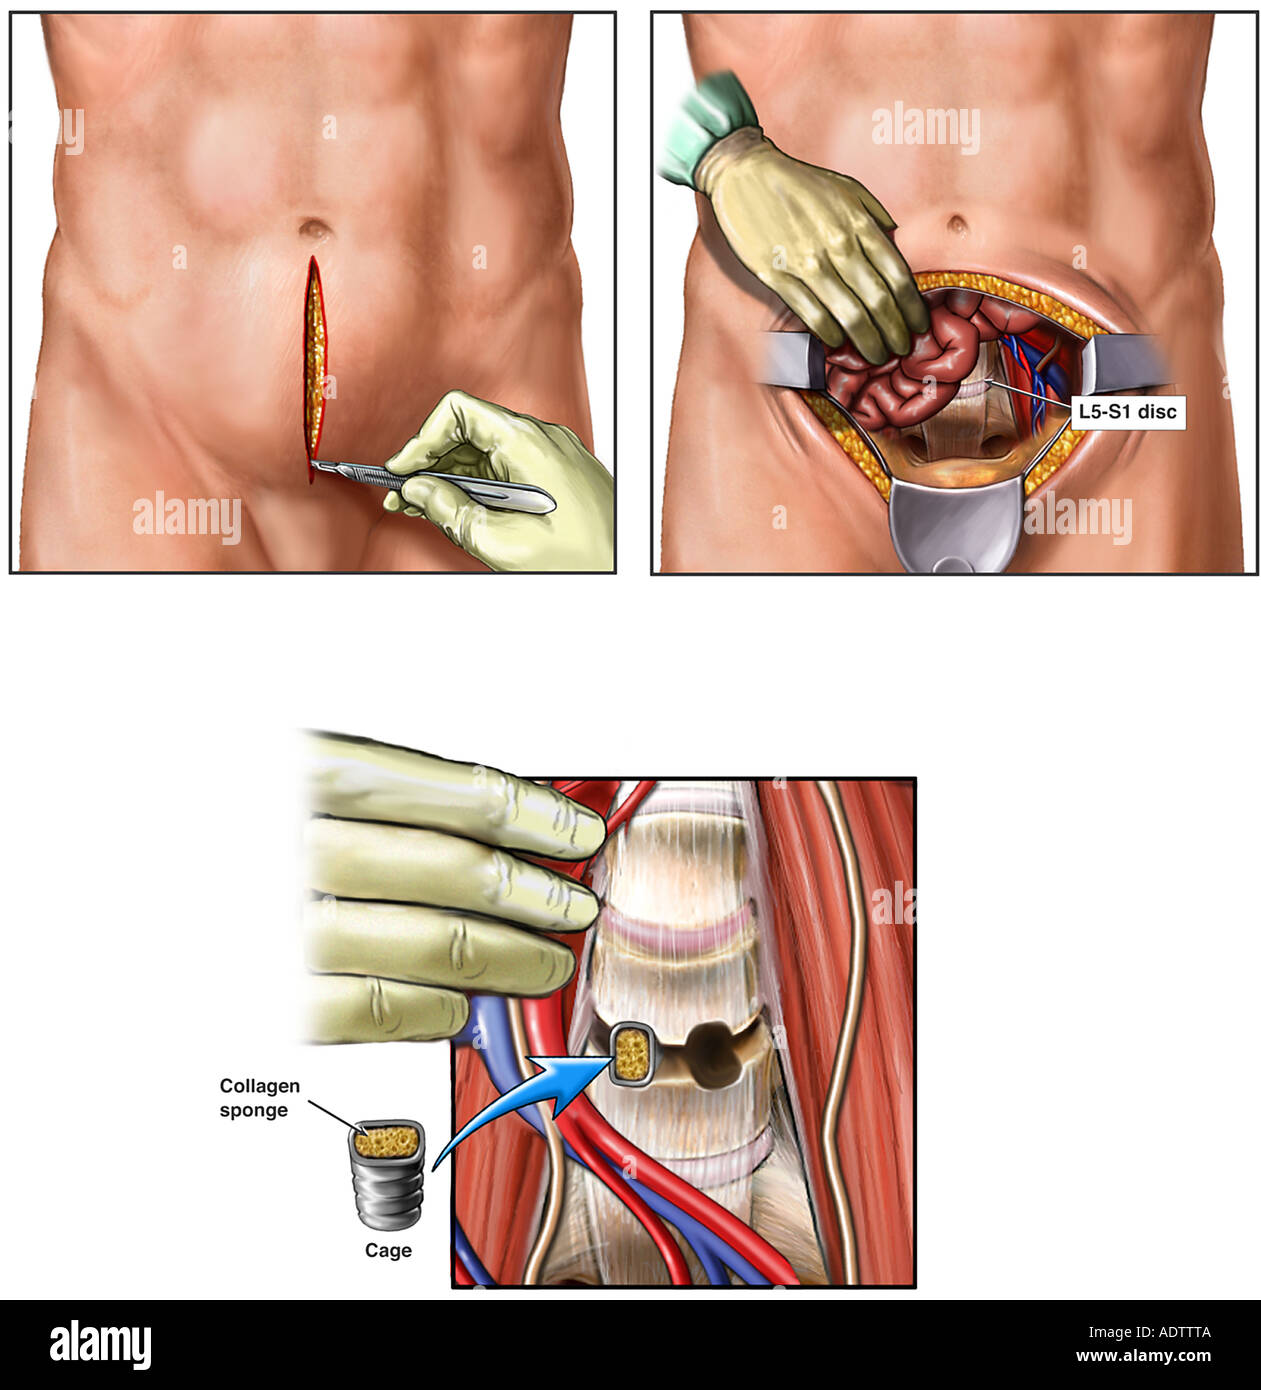 L4-5 Anterior Lumbar Spinal Fusion Surgery Stock Photo